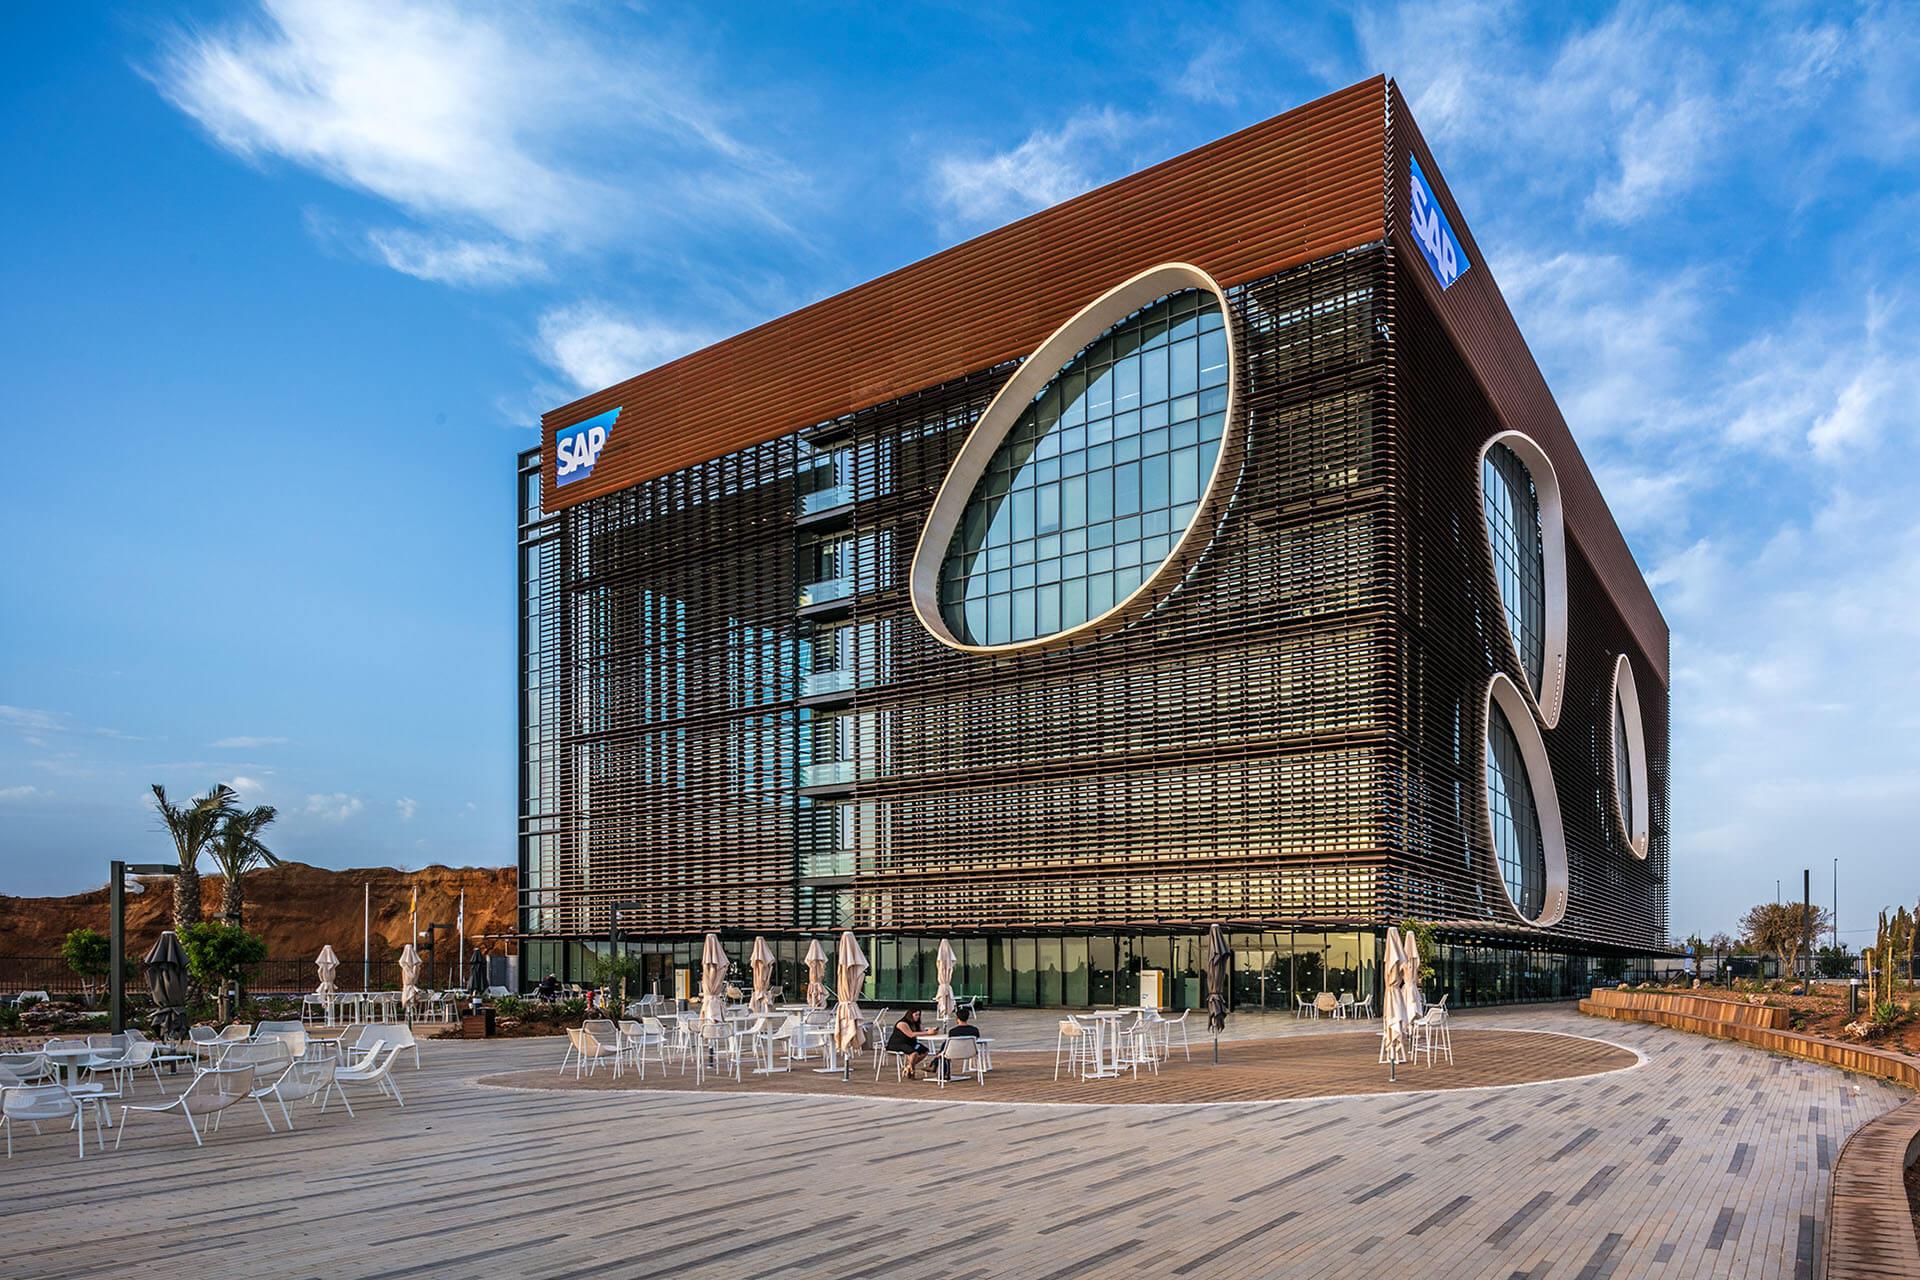 Sap Headquarters Yashar Architects Interesting SAP Headquarters YASHAR 2980 2